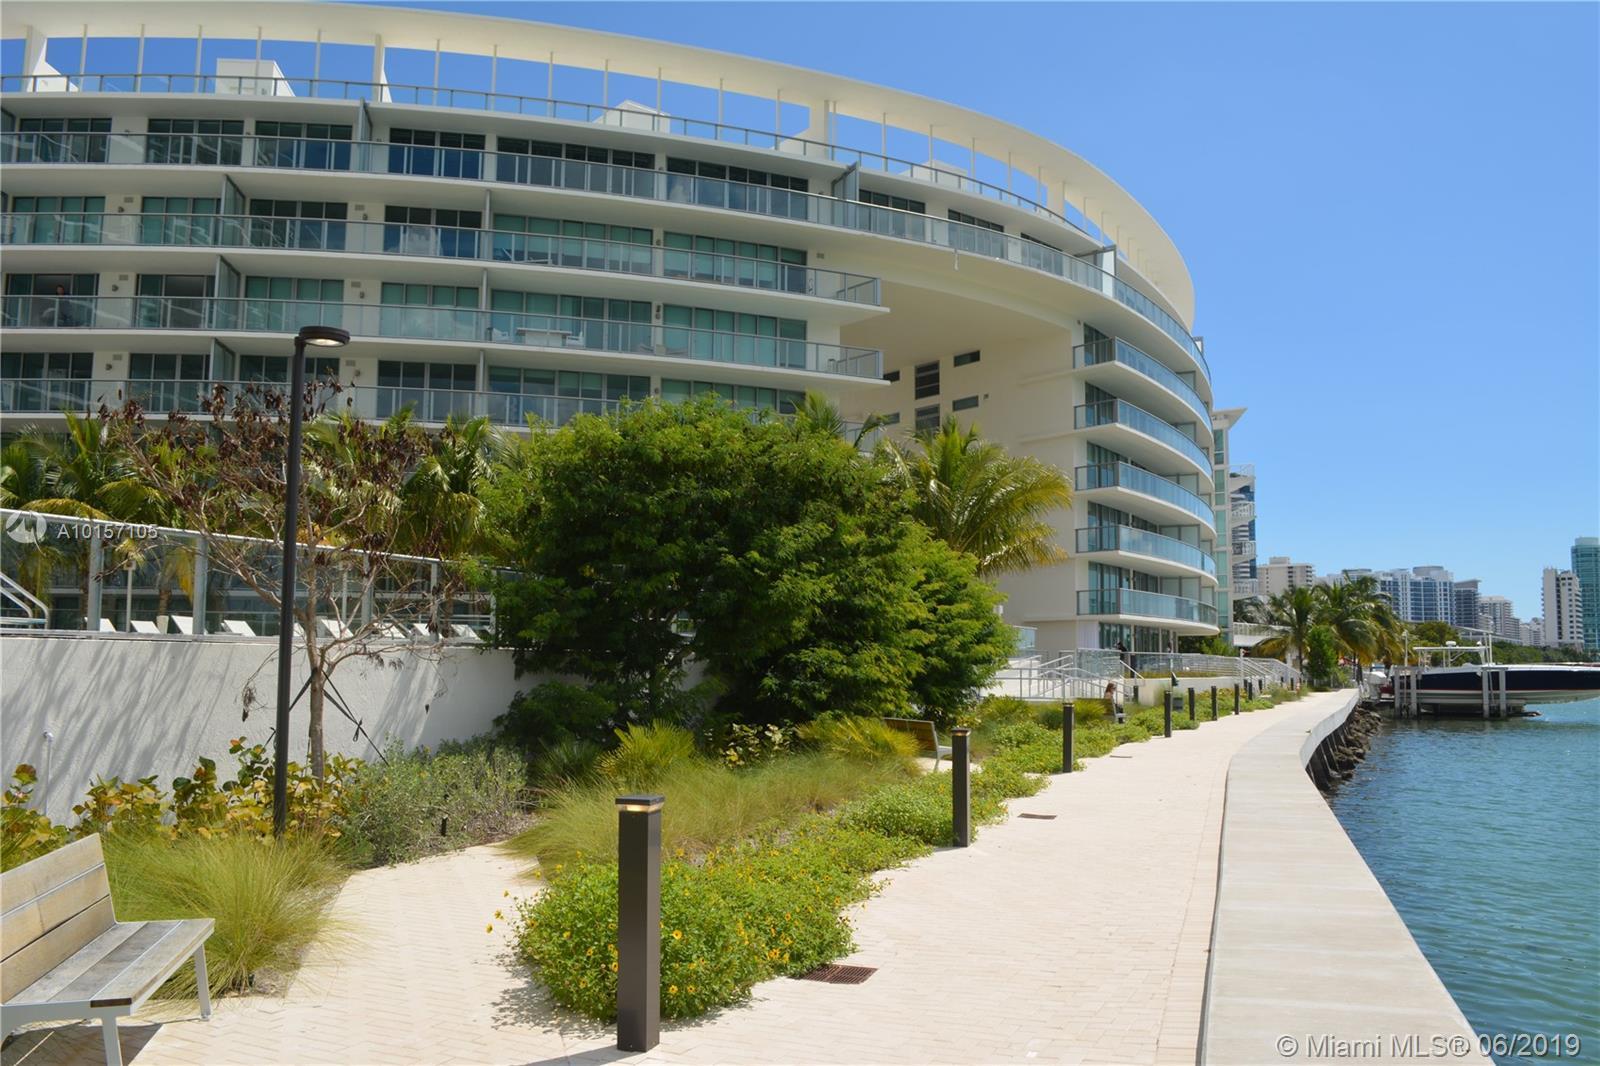 6620 INDIAN CREEK DR. # 416, Miami Beach , FL 33141